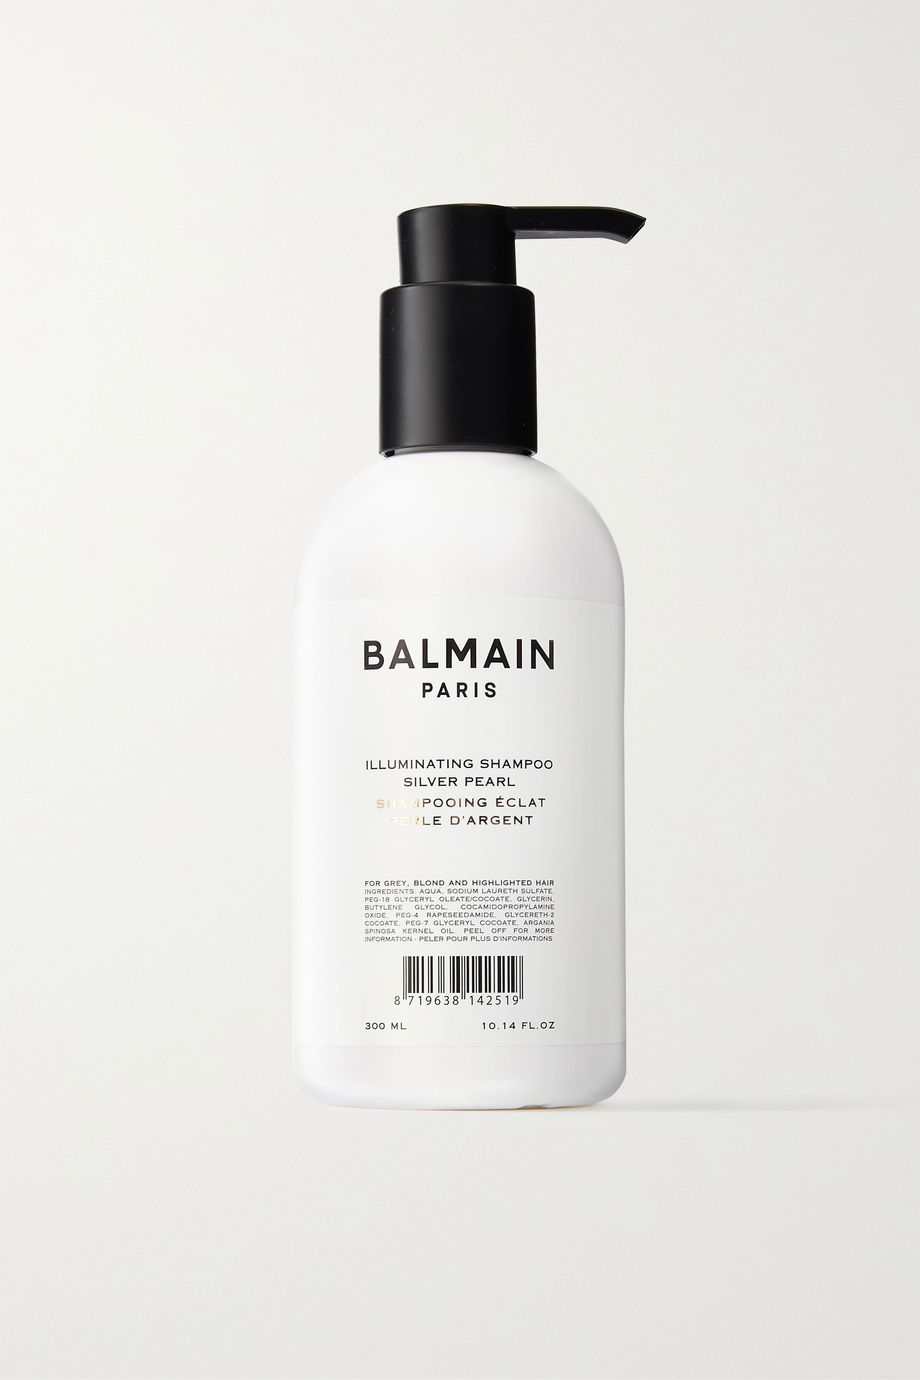 Balmain Paris Hair Couture Illuminating Shampoo - Silver Pearl, 300ml